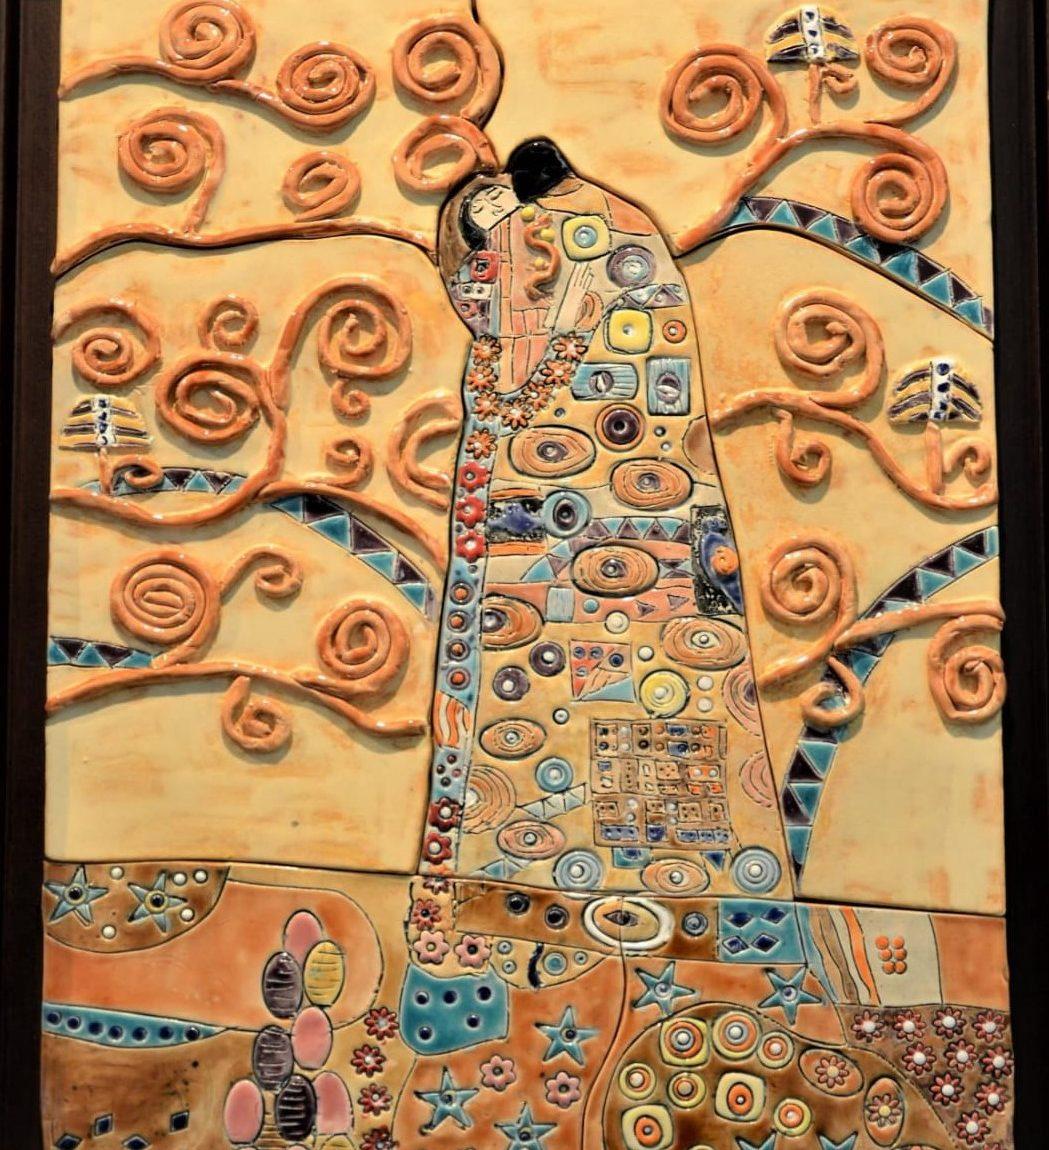 Hülya KARADAYI ERGİN -Gustave Klimt Hayat Ağacı Esinlenme Teknik:Beyaz Çamur Rölyef Tekniği , Sır Boyama Ölçü :50 x 35 cm Fiyat :1500 TL